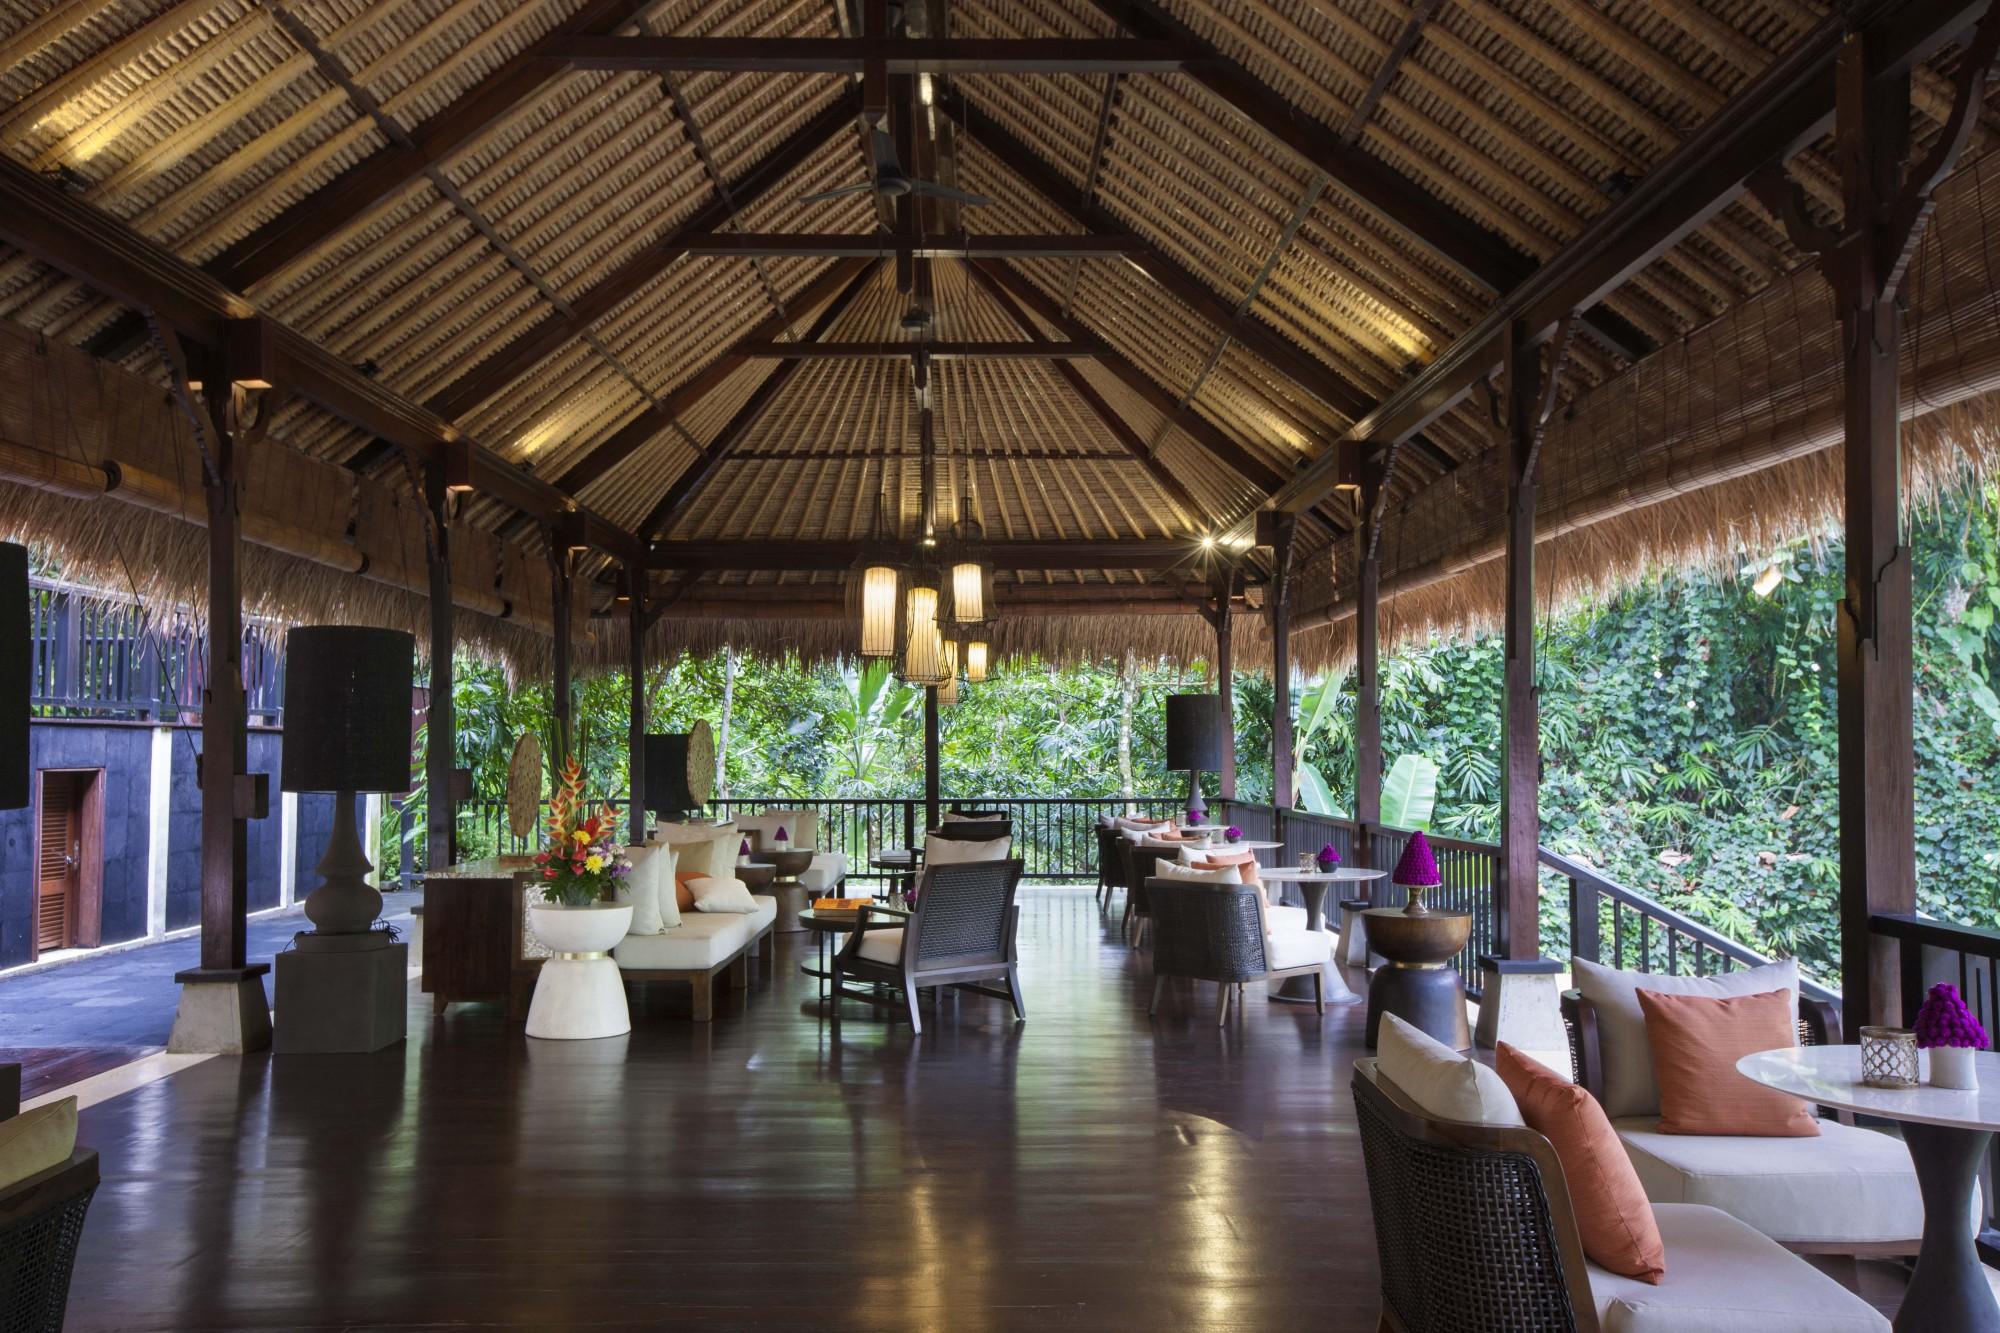 https://www.otdesign.com/wp-content/uploads/2020/11/OTdesign_Hanging_Gardens_Bali-img_7425.jpg